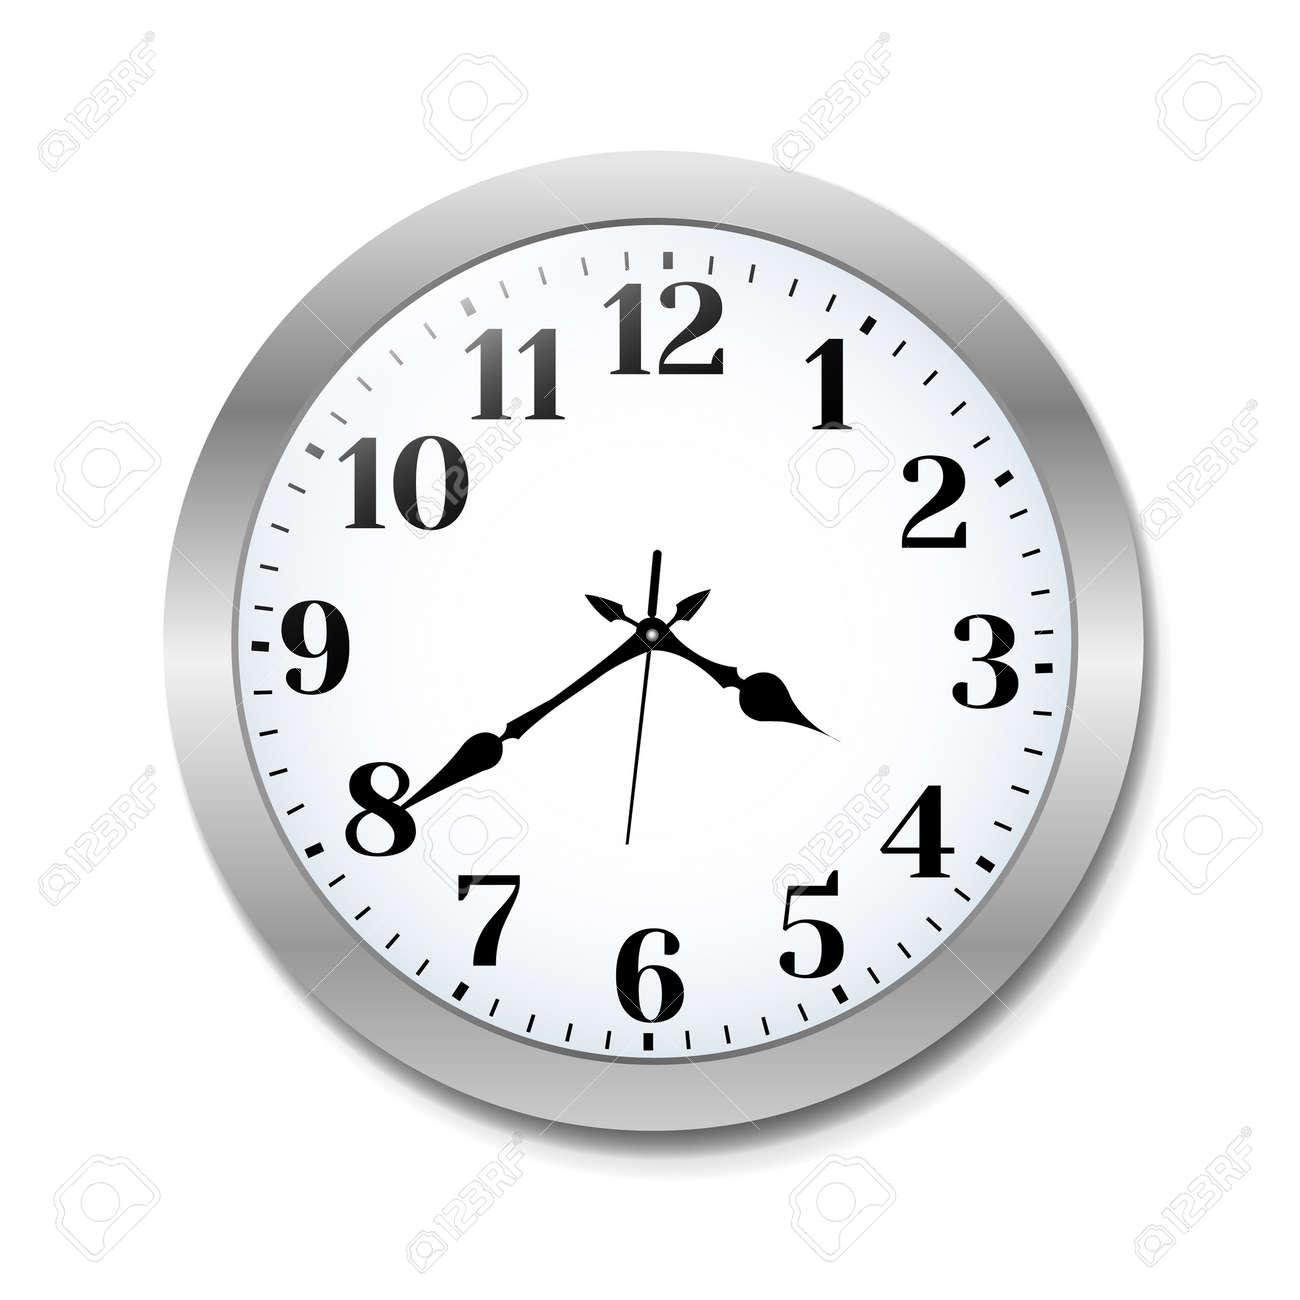 Clock, Vector Illustration - 165094891